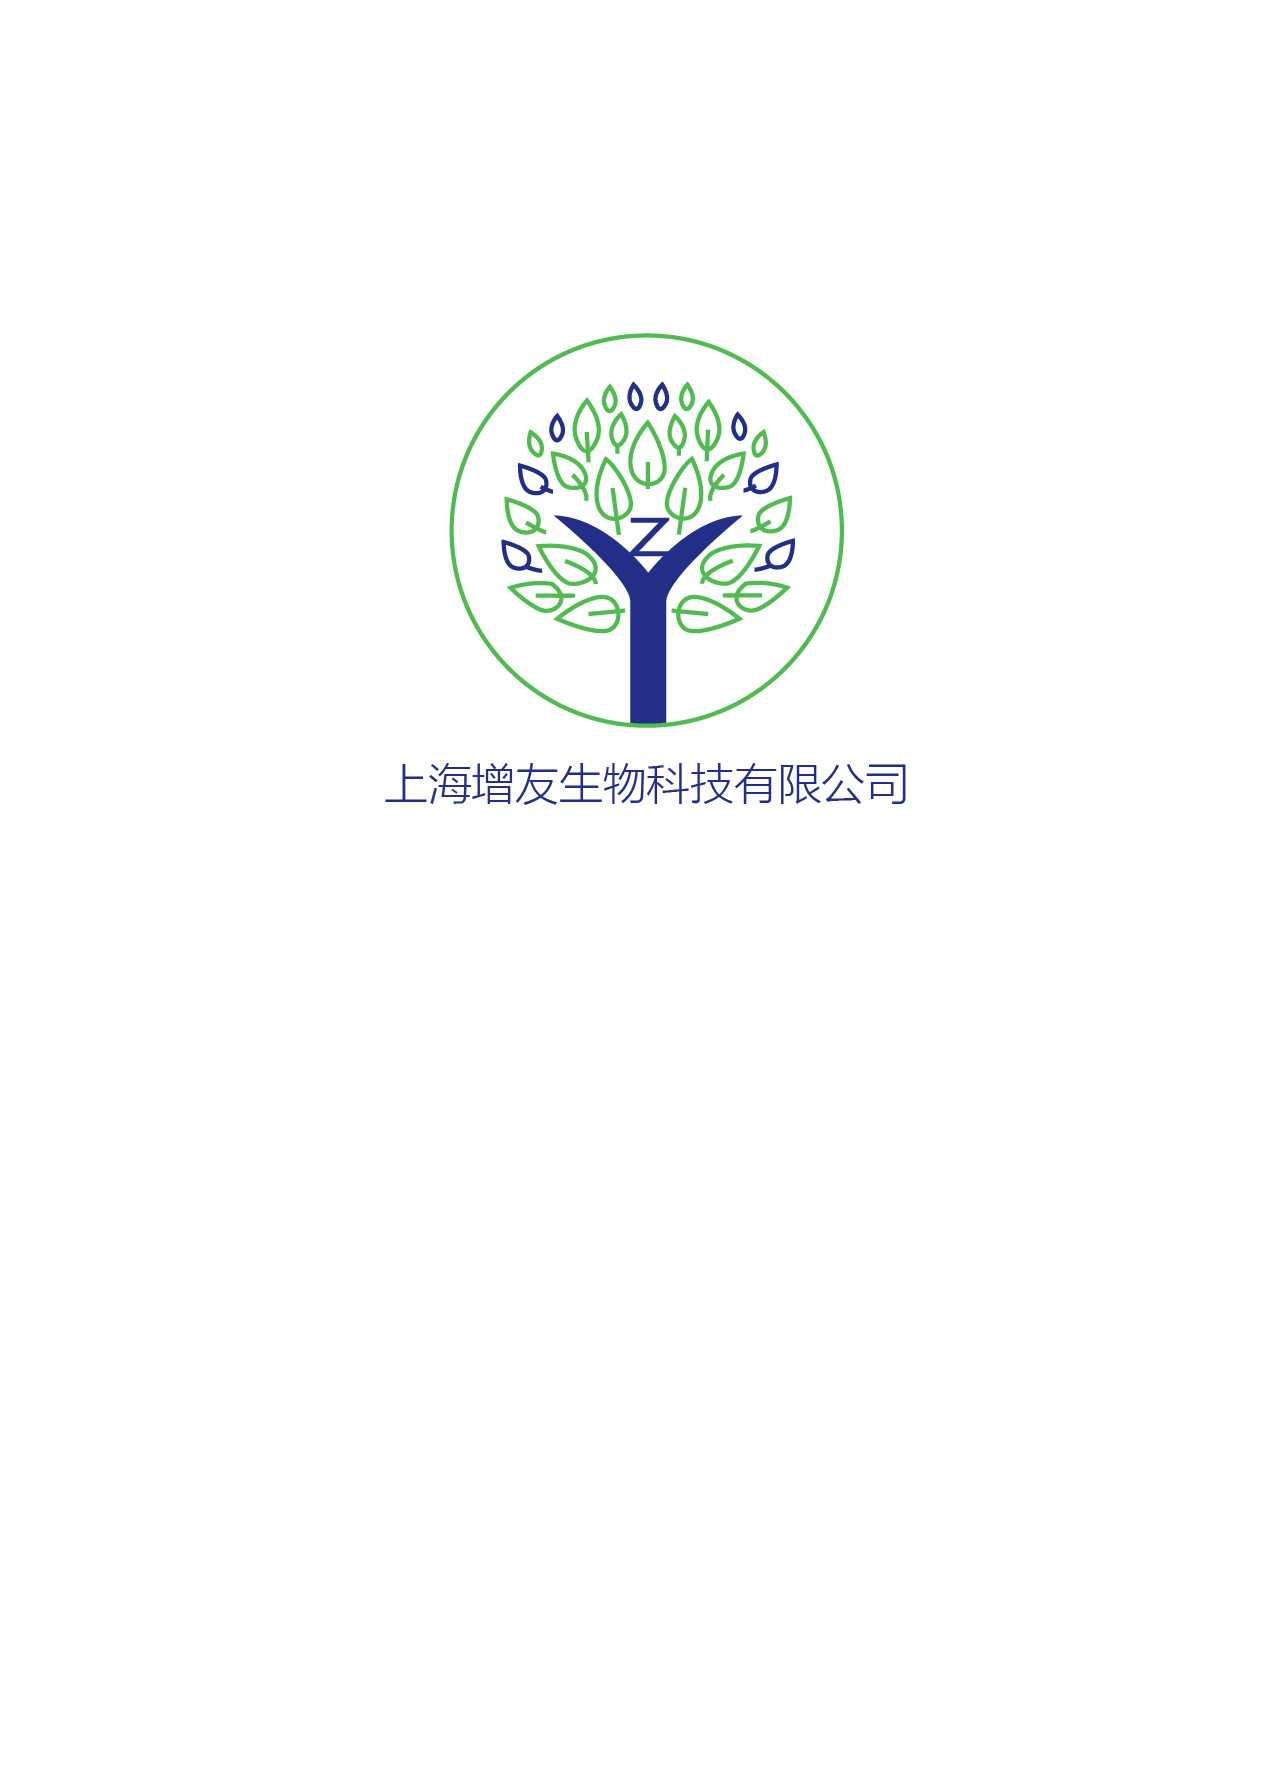 上海增友生物科技有限公司